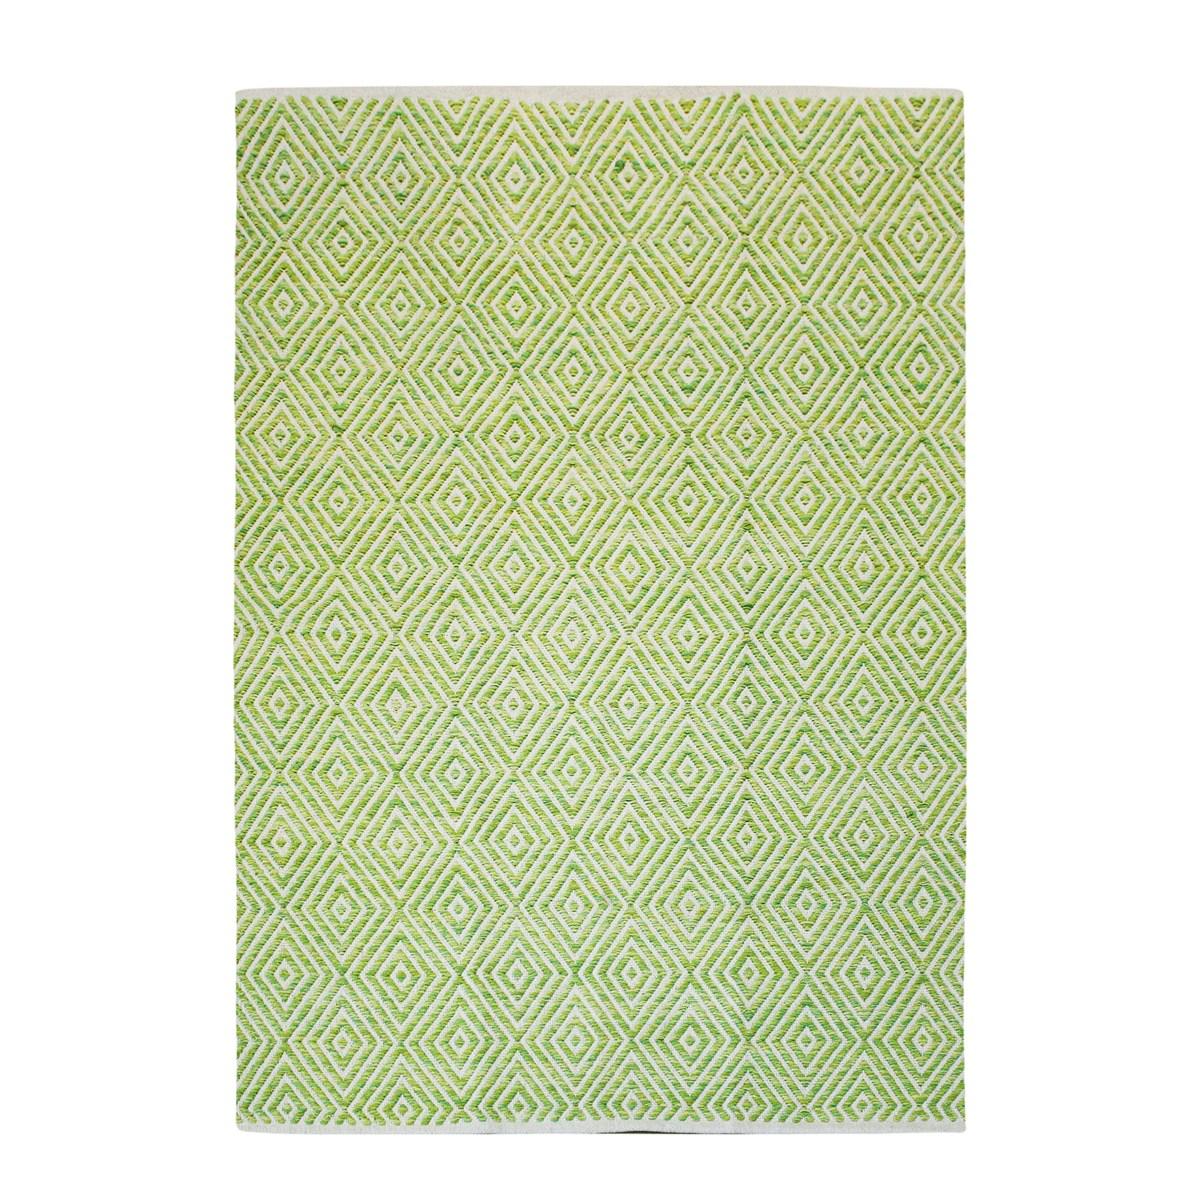 Tapis design en Coton Vert pistache 160x230 cm